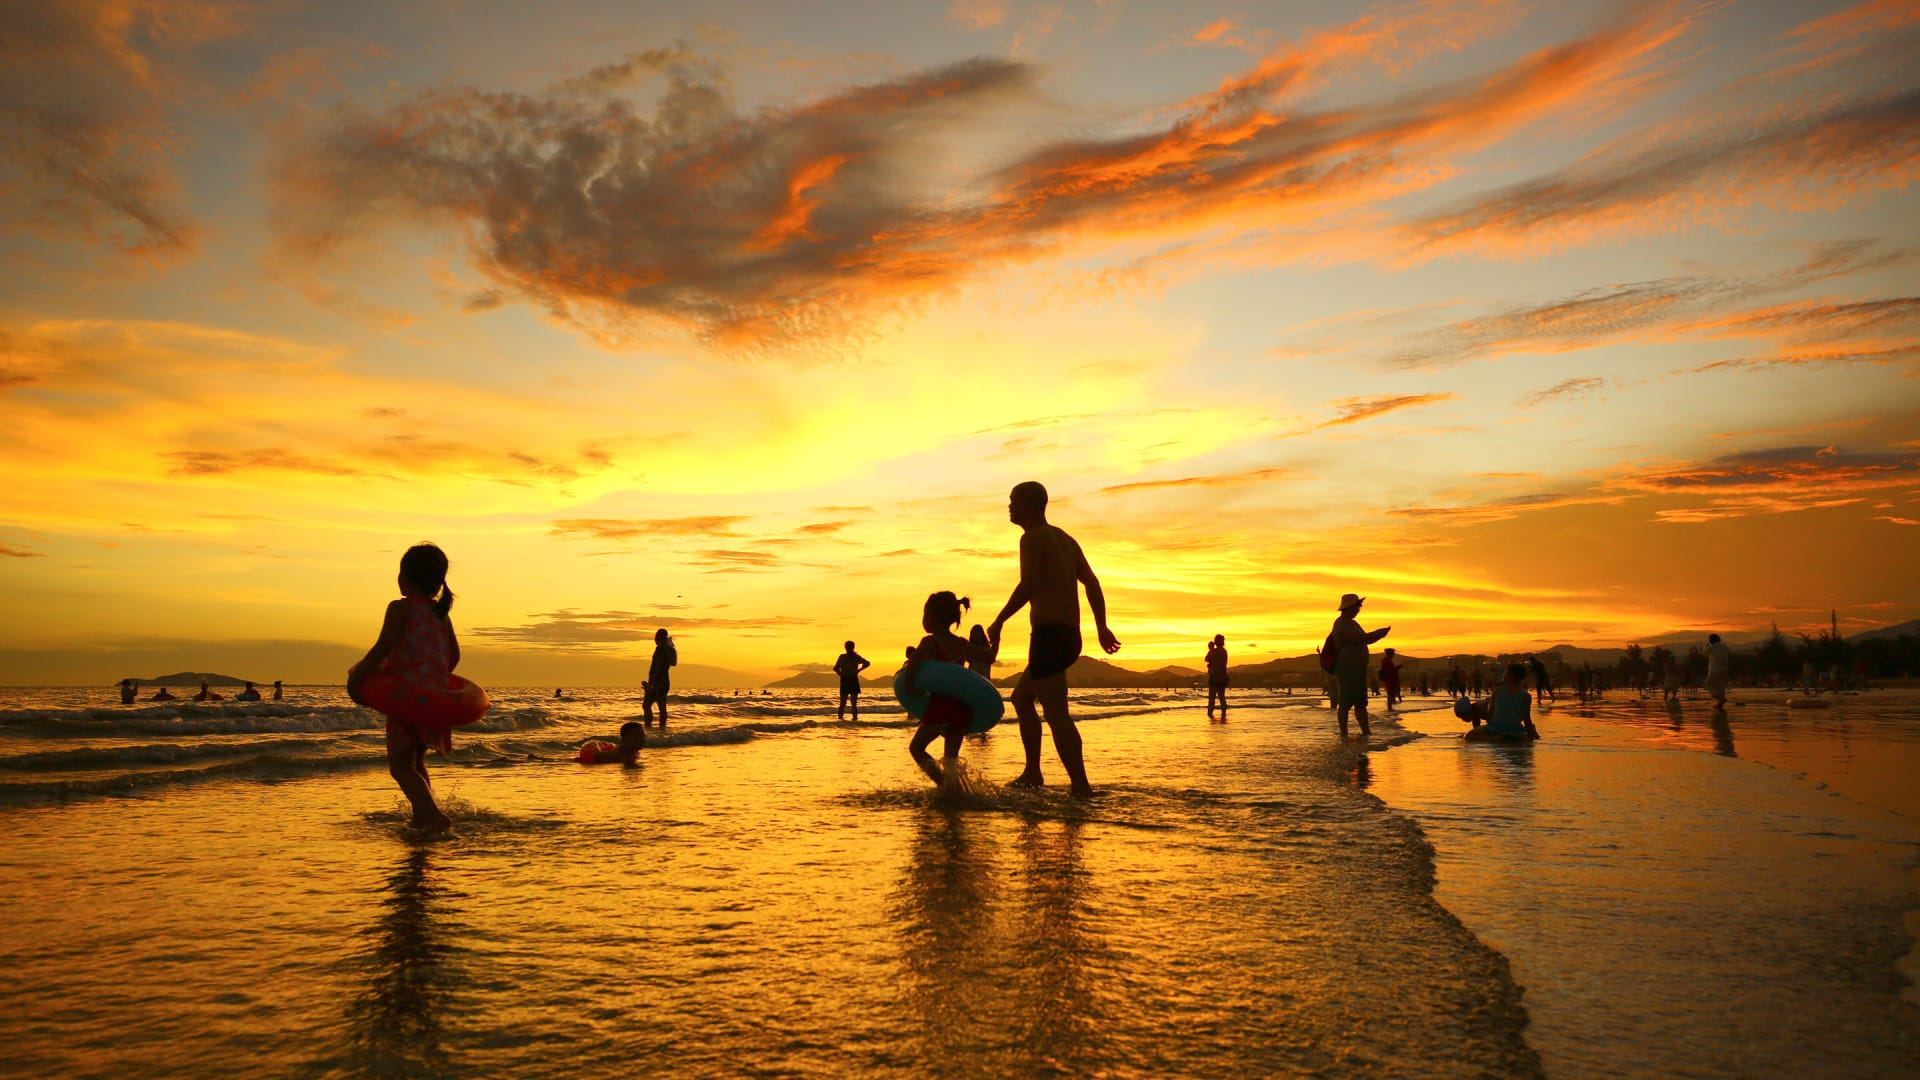 """السياح في الصين يتدفقون على الكثبان الرملية """"للاستحمام بالرمل"""""""